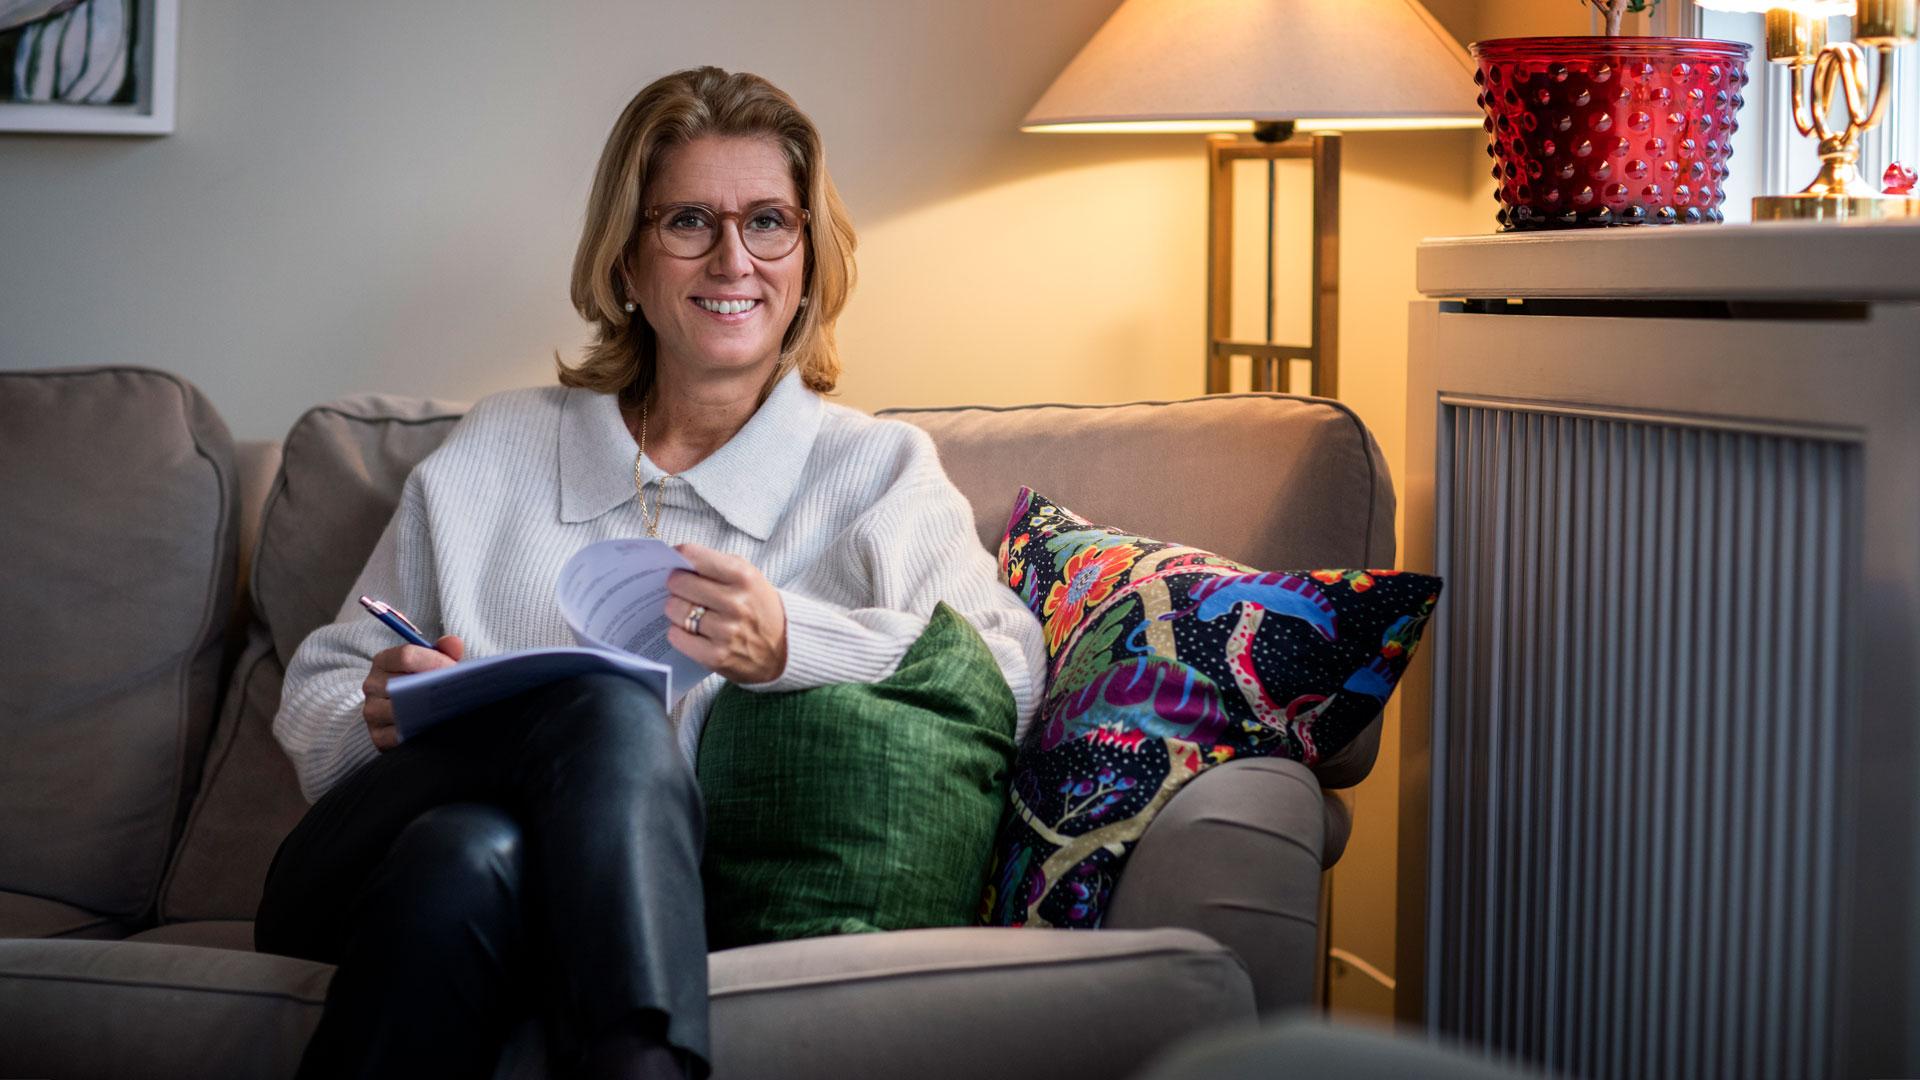 Kvinna läser i soffa.